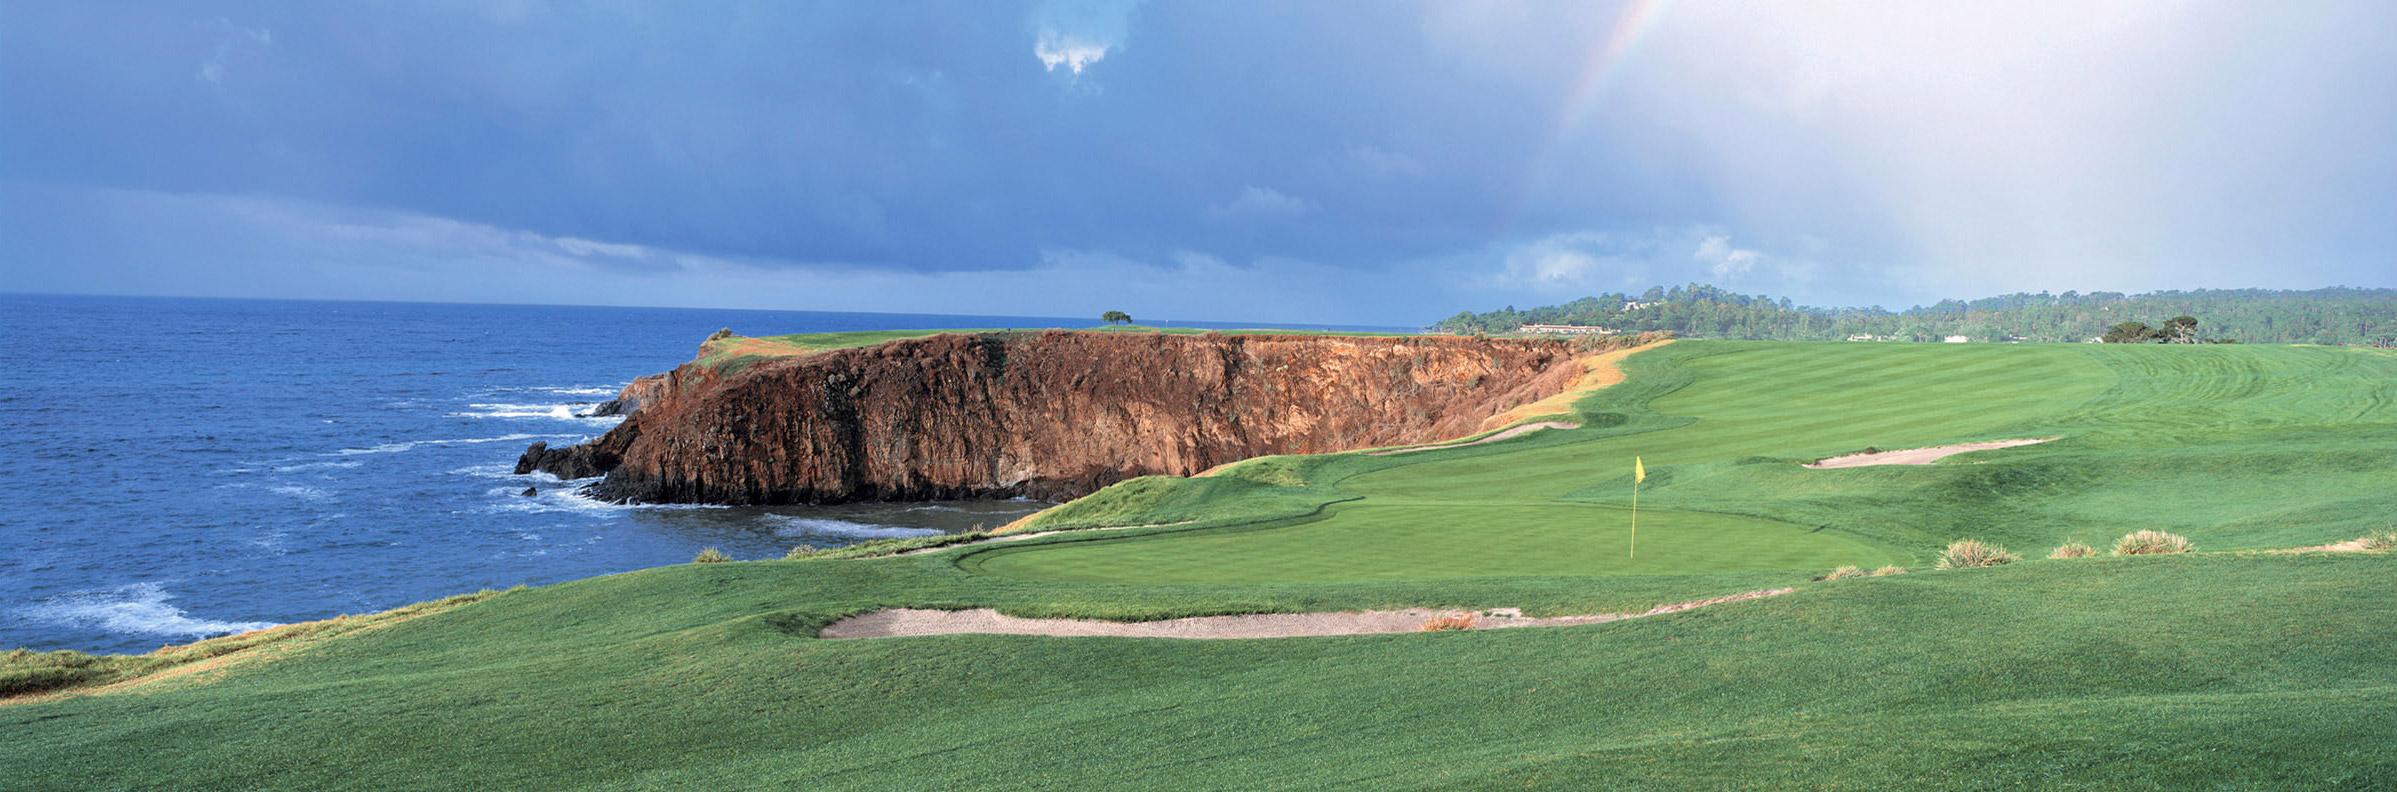 Golf Course Image - Pebble Beach No. 8